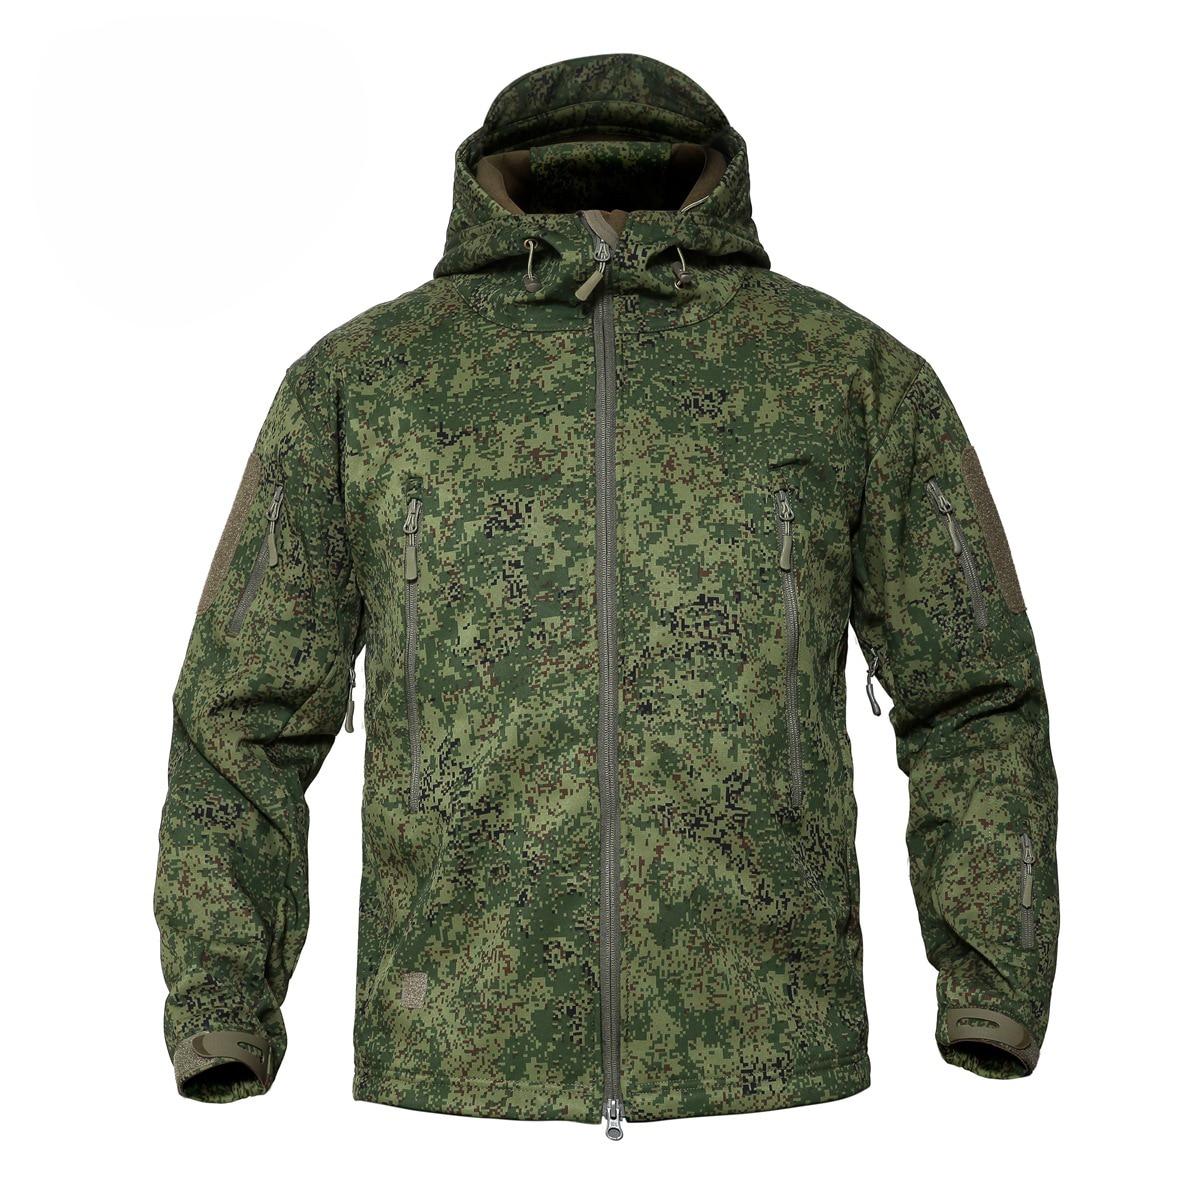 Veste de Camouflage numérique russe pour hommes veste tactique à capuche Softshell imperméable à l'eau en plein air